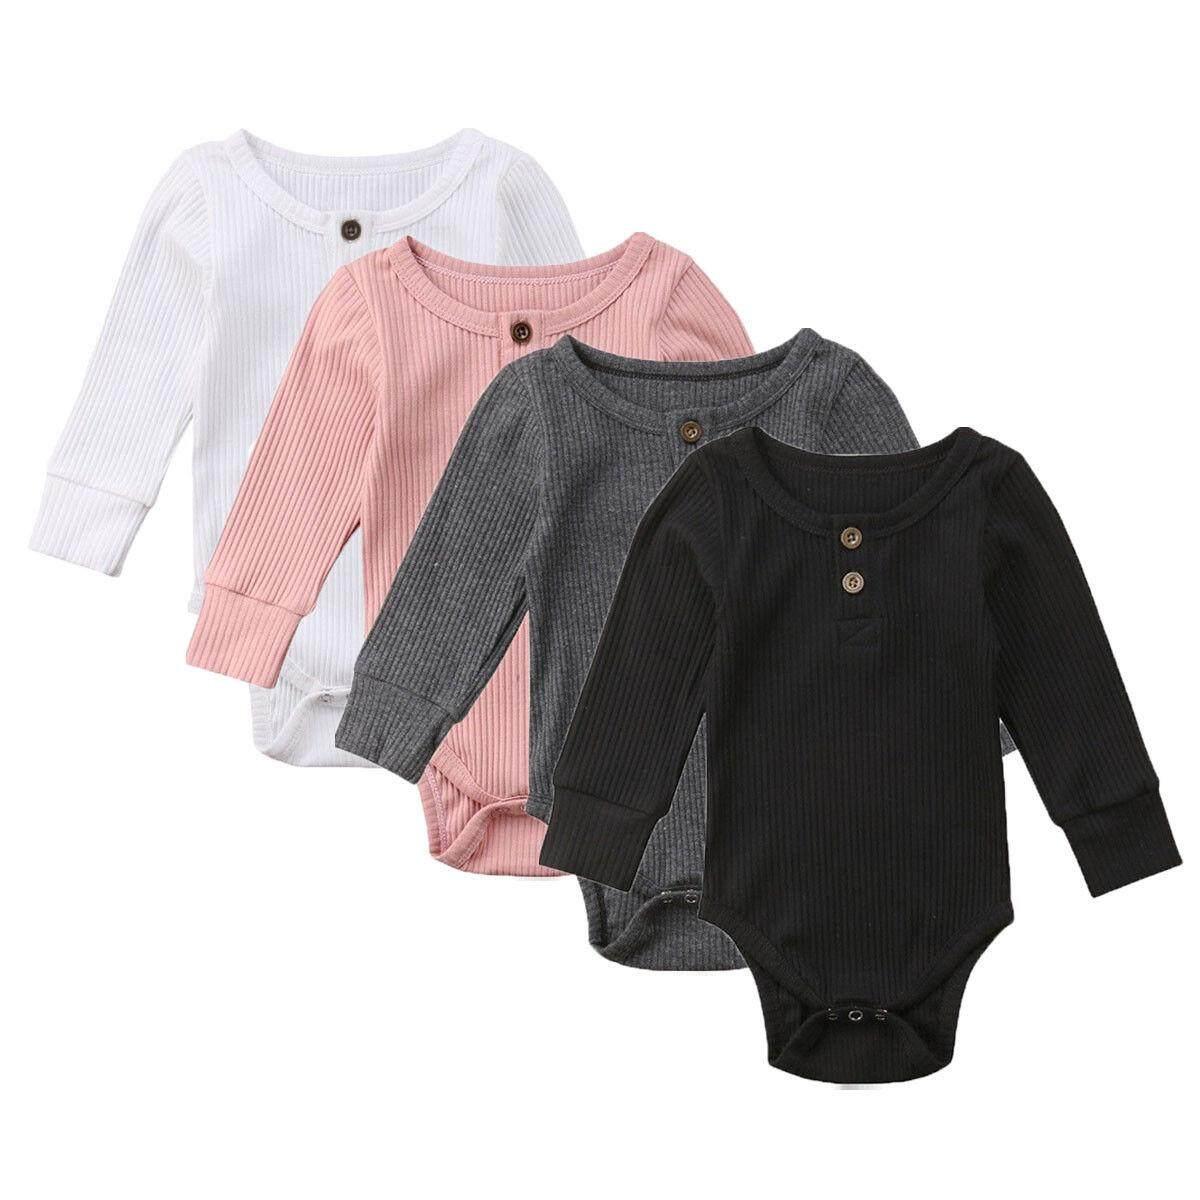 bb88b33d18f8 Infant Newborn Baby Boy Girl Long Jumpsuit Romper Bodysuit Cotton Clothes  Outfit